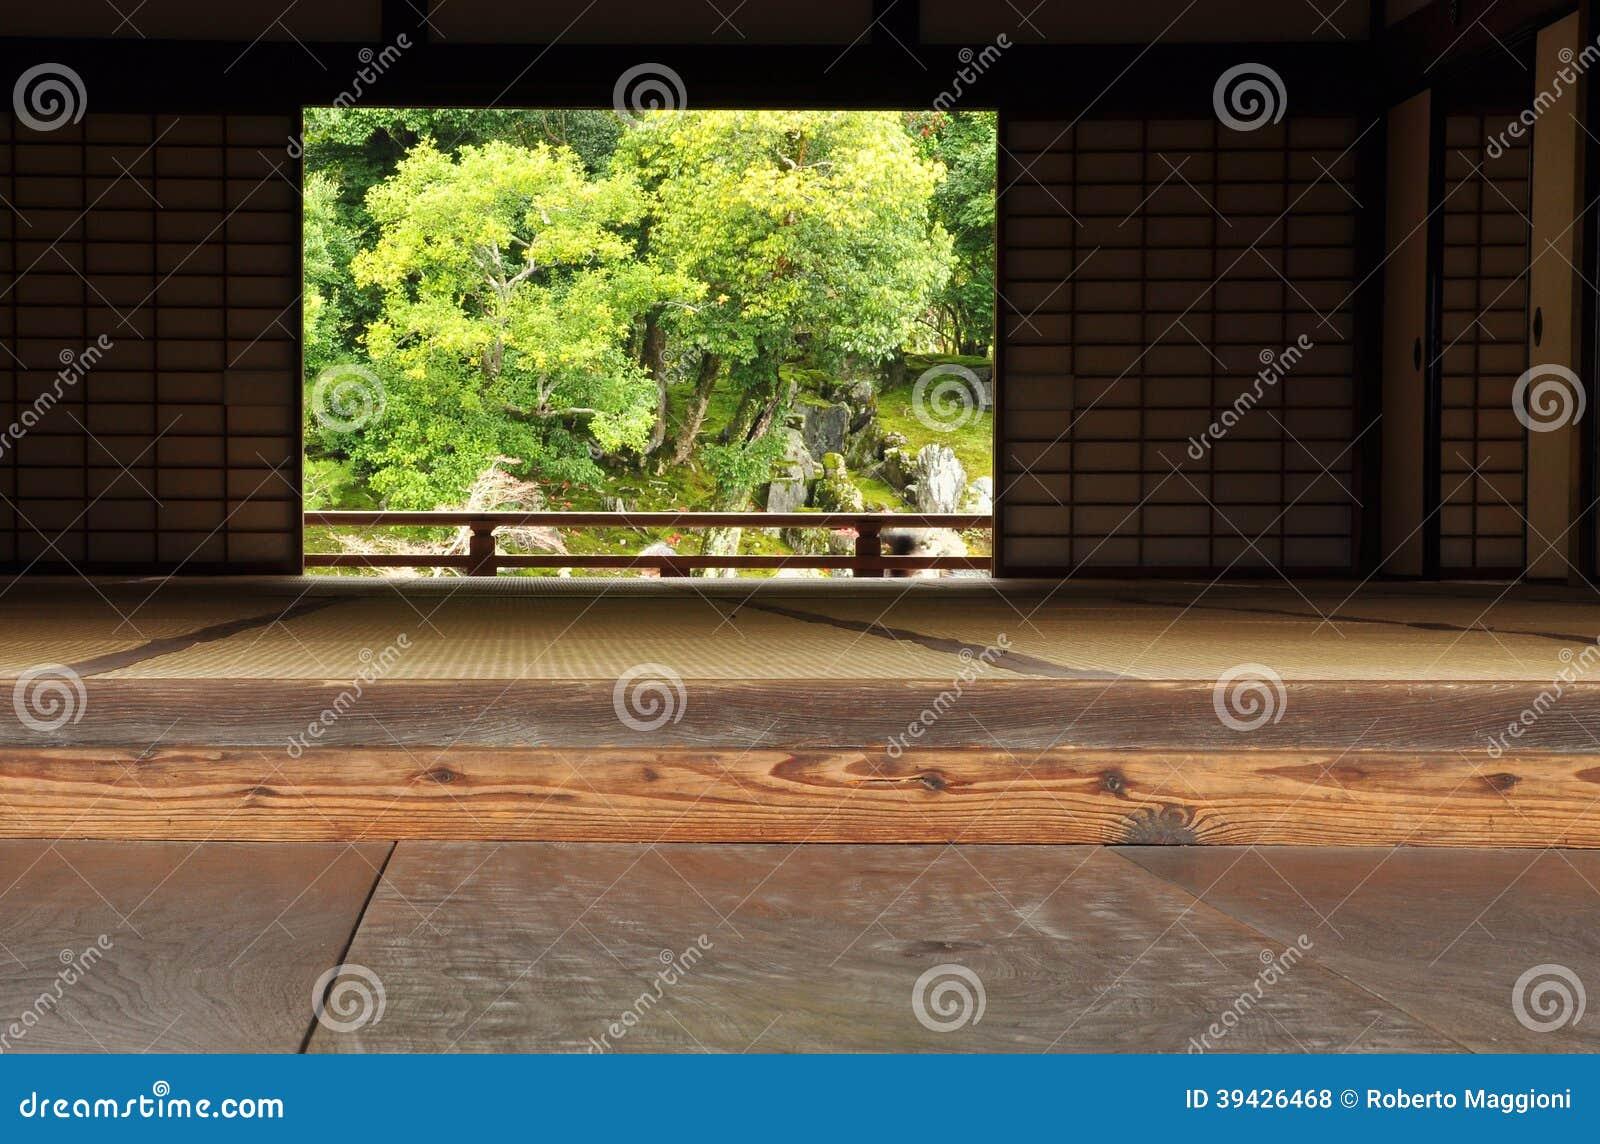 Traditionelle japanische architektur und garten stockfoto for Traditionelle japanische architektur